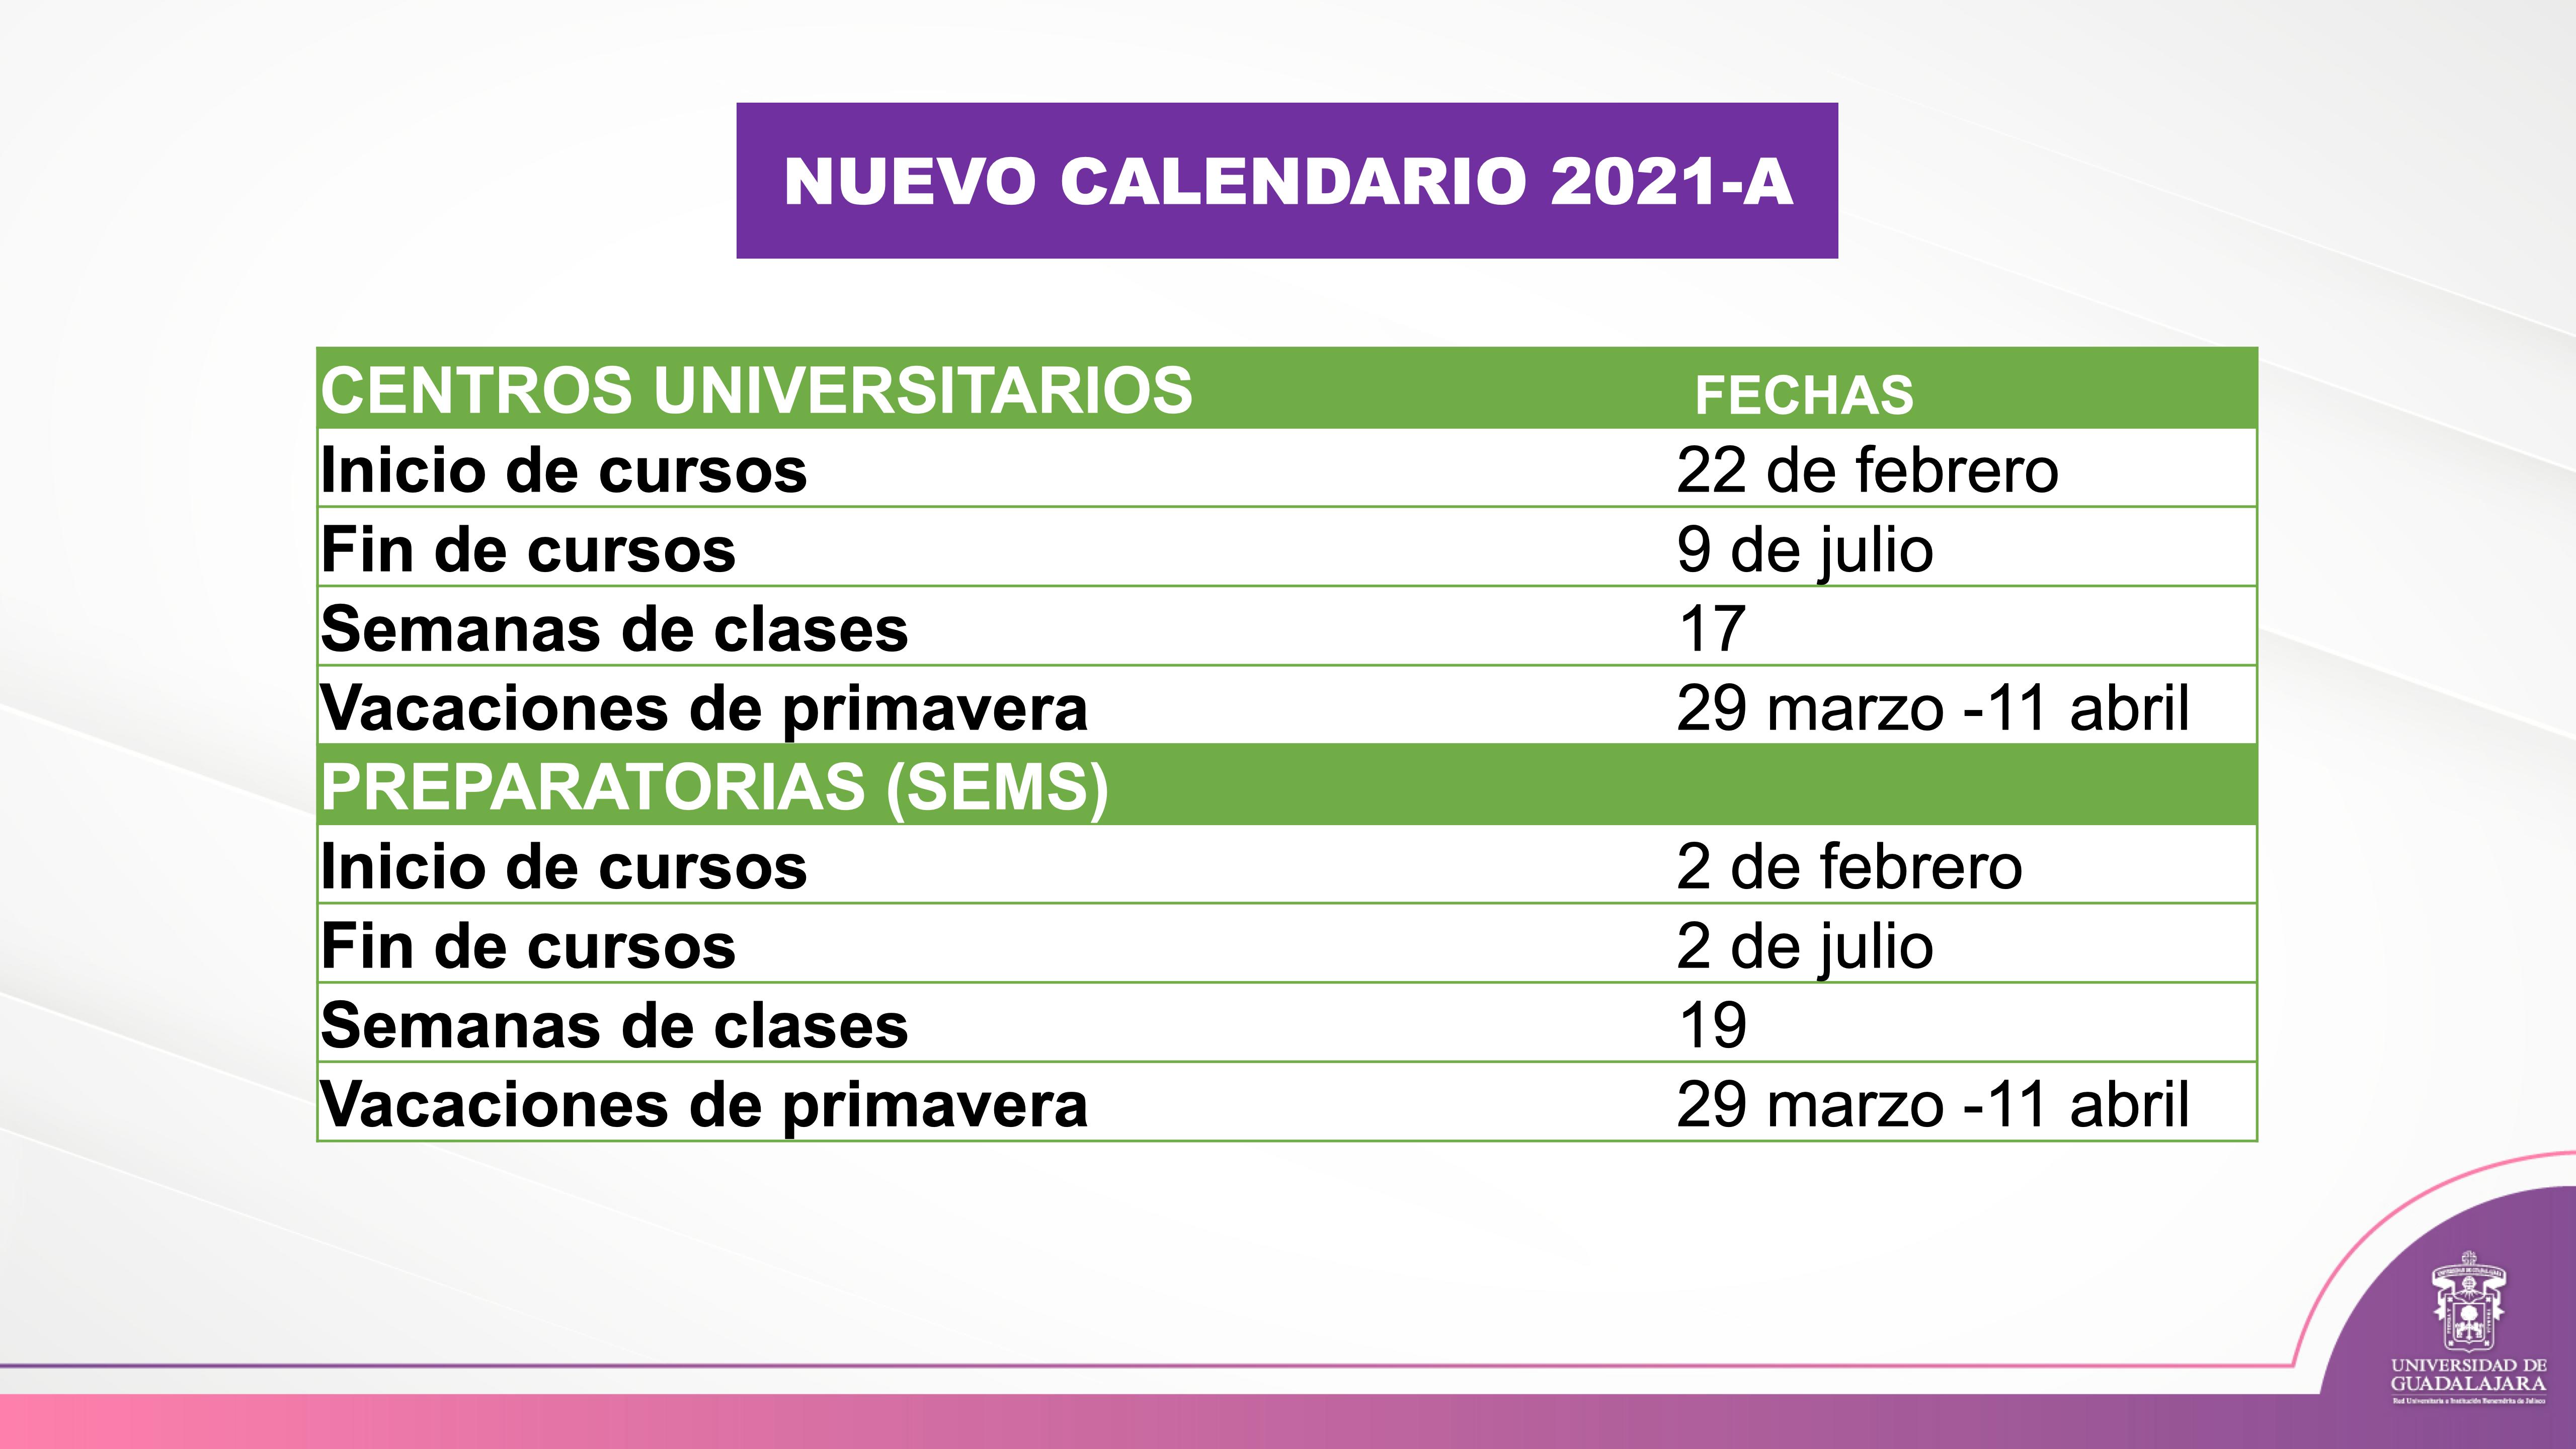 Diapositiva con el nuevo calendario escolar